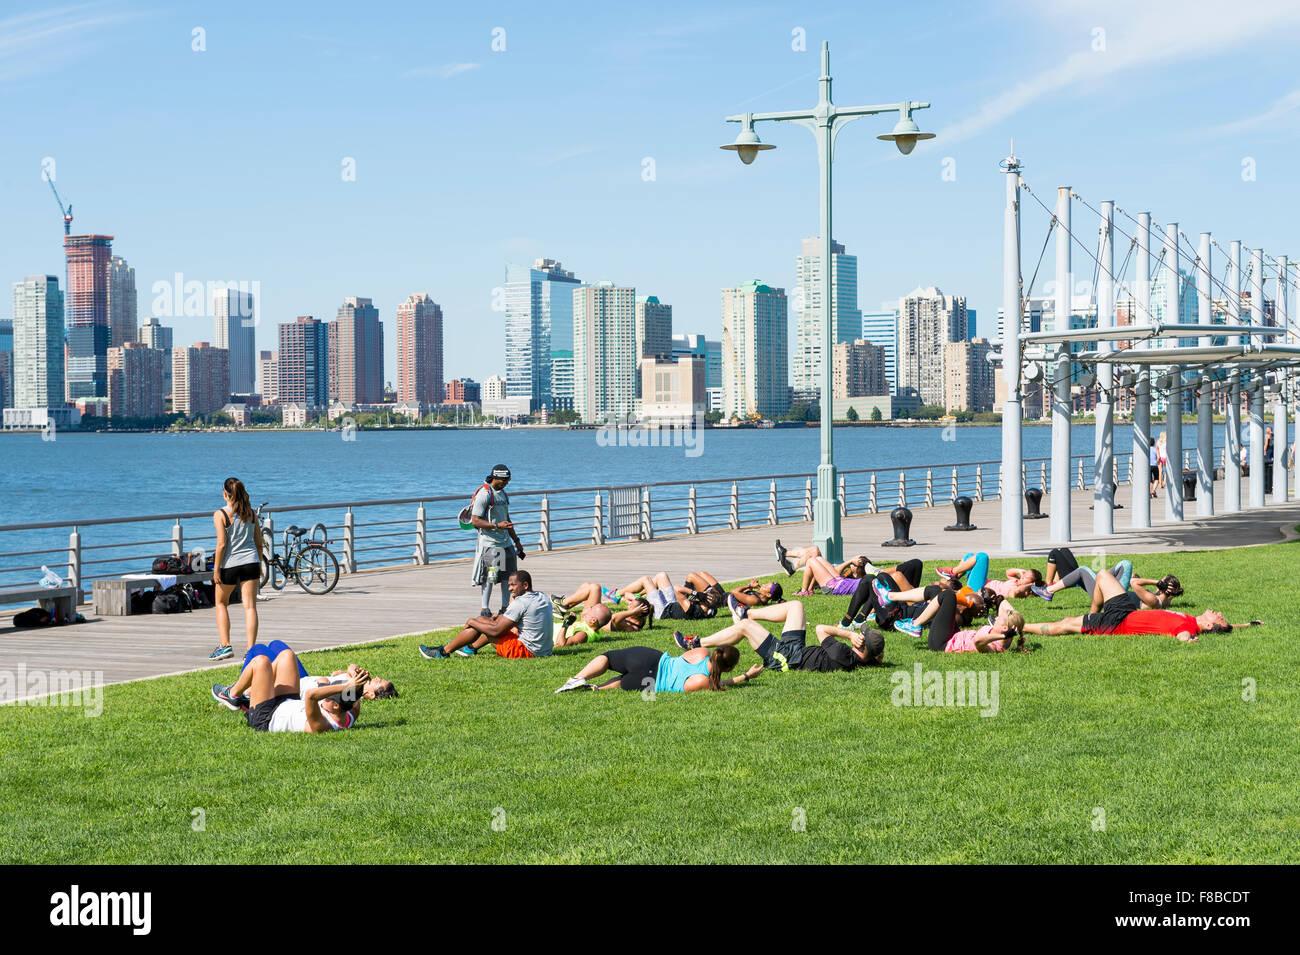 Personal trainer, gruppo classe, fitness, ginnastica, pullman, classe, esercizio, benessere, montare, stile di vita, Foto Stock